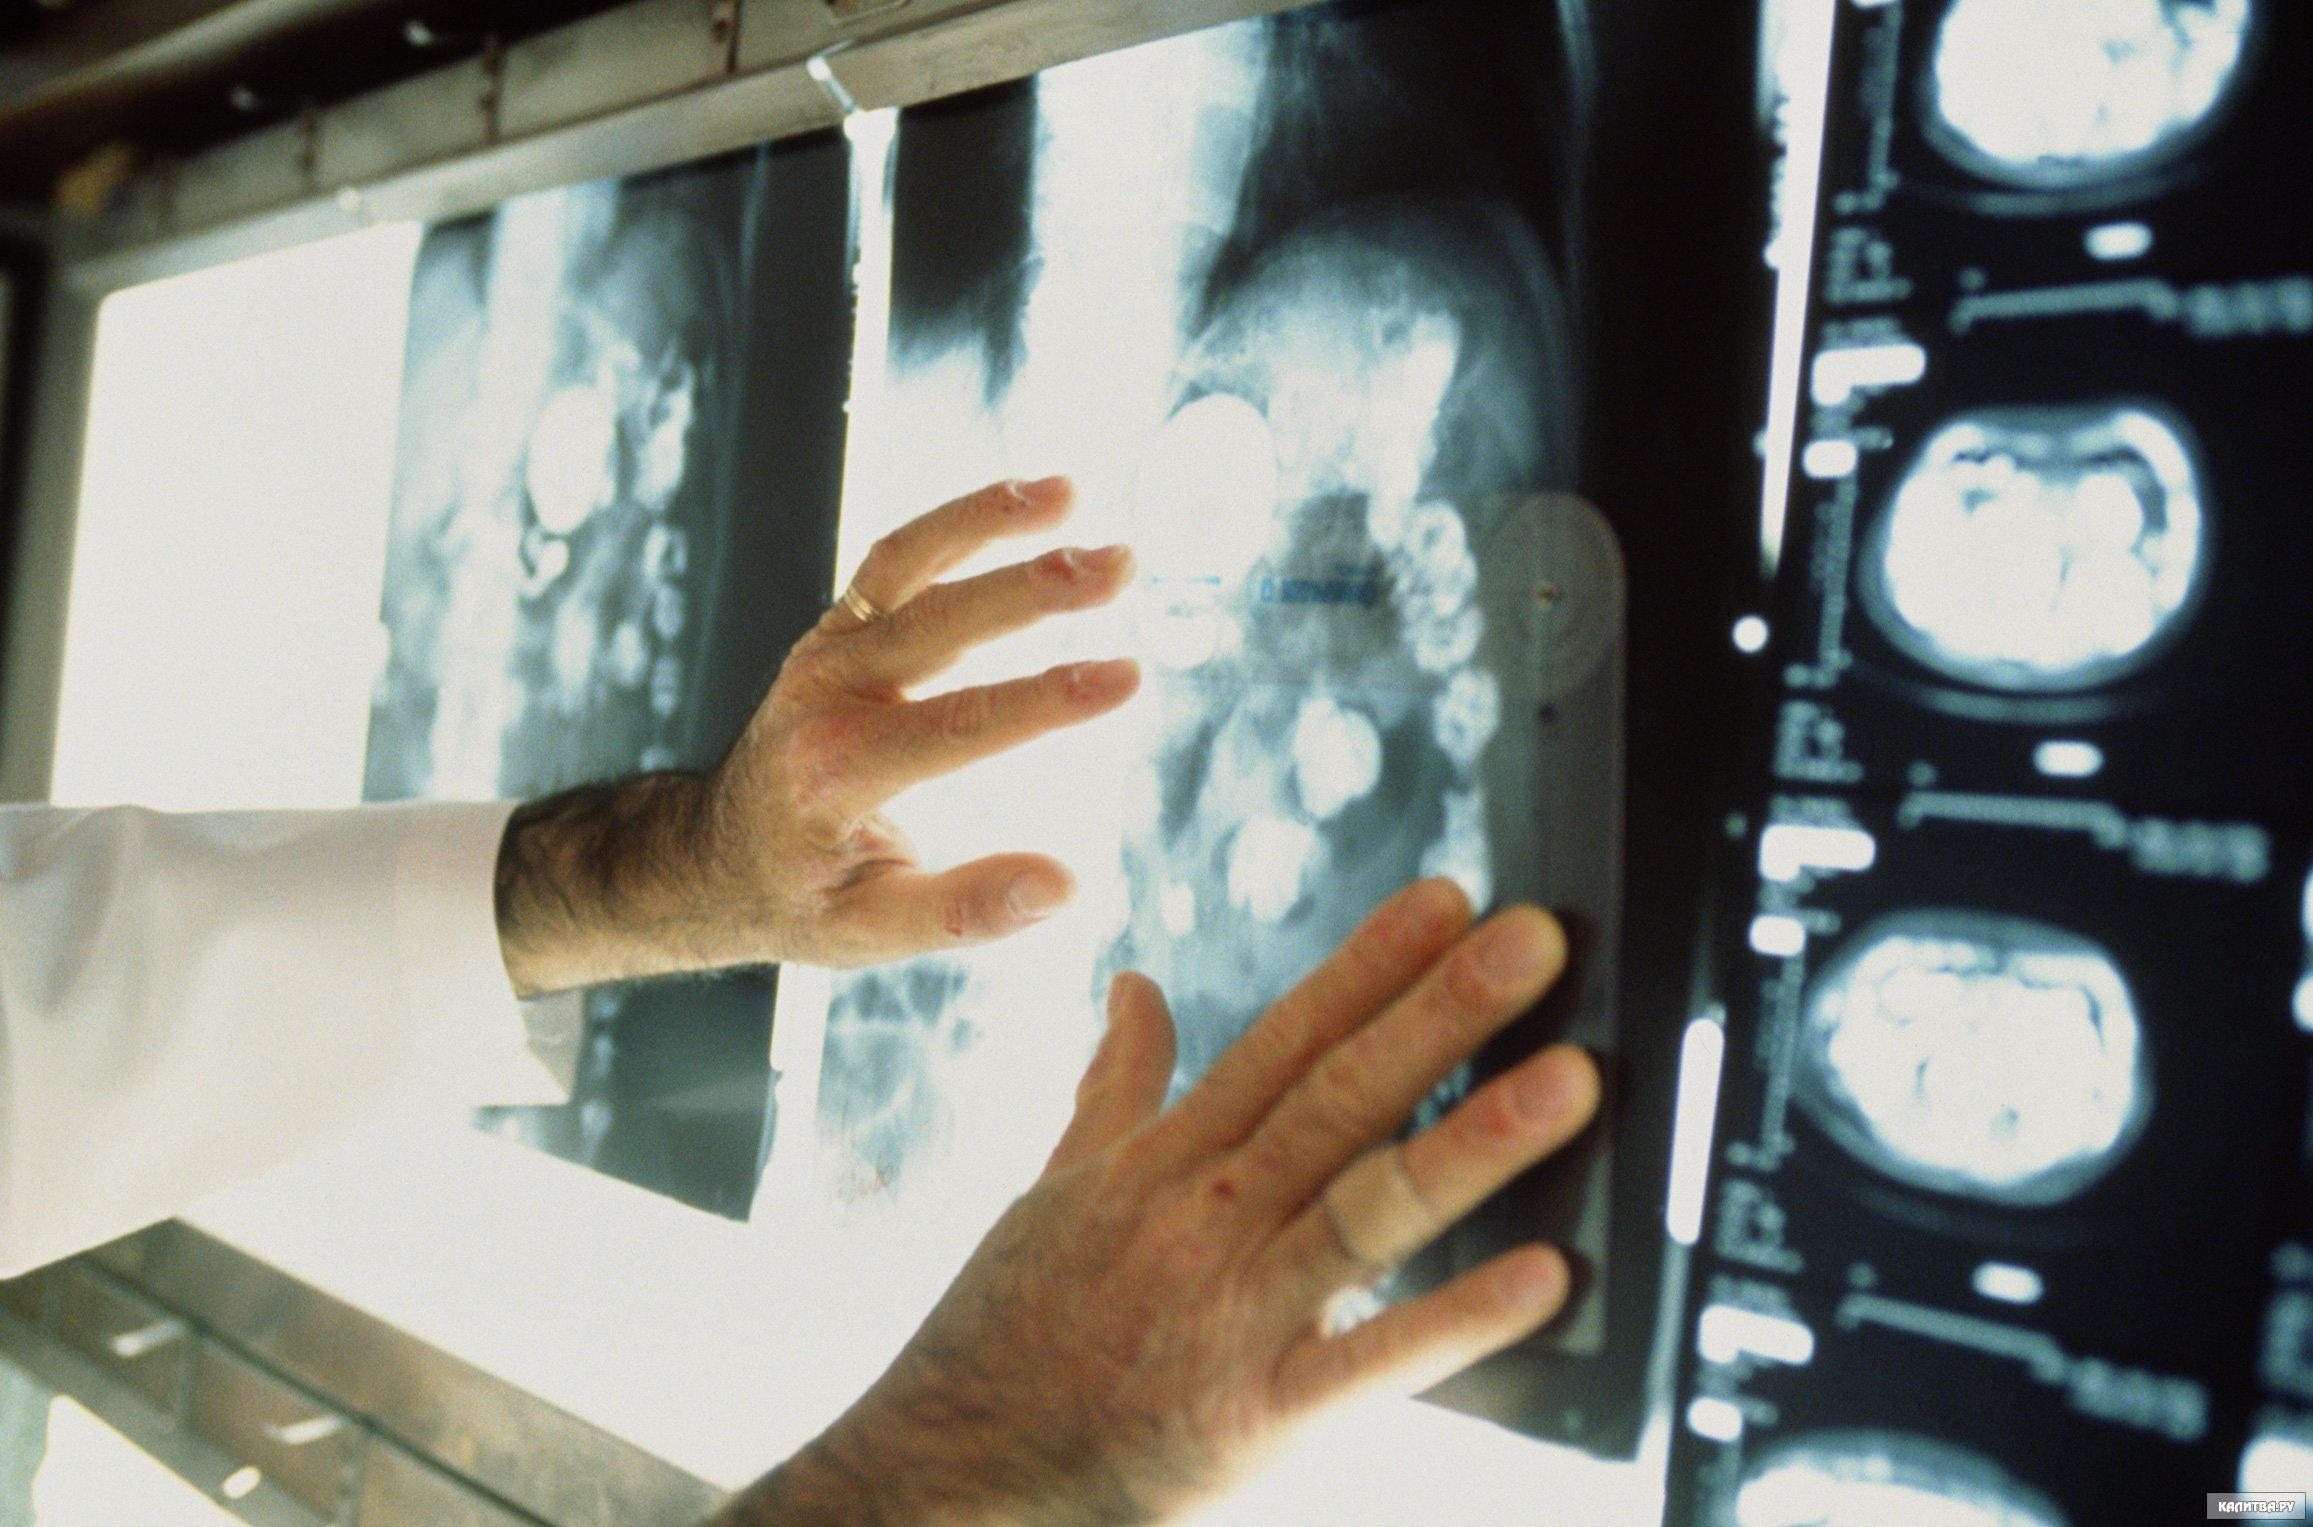 4 исследовательские работы в области онкологии и 4 – в области кардиологии были признаны наиболее перспективными